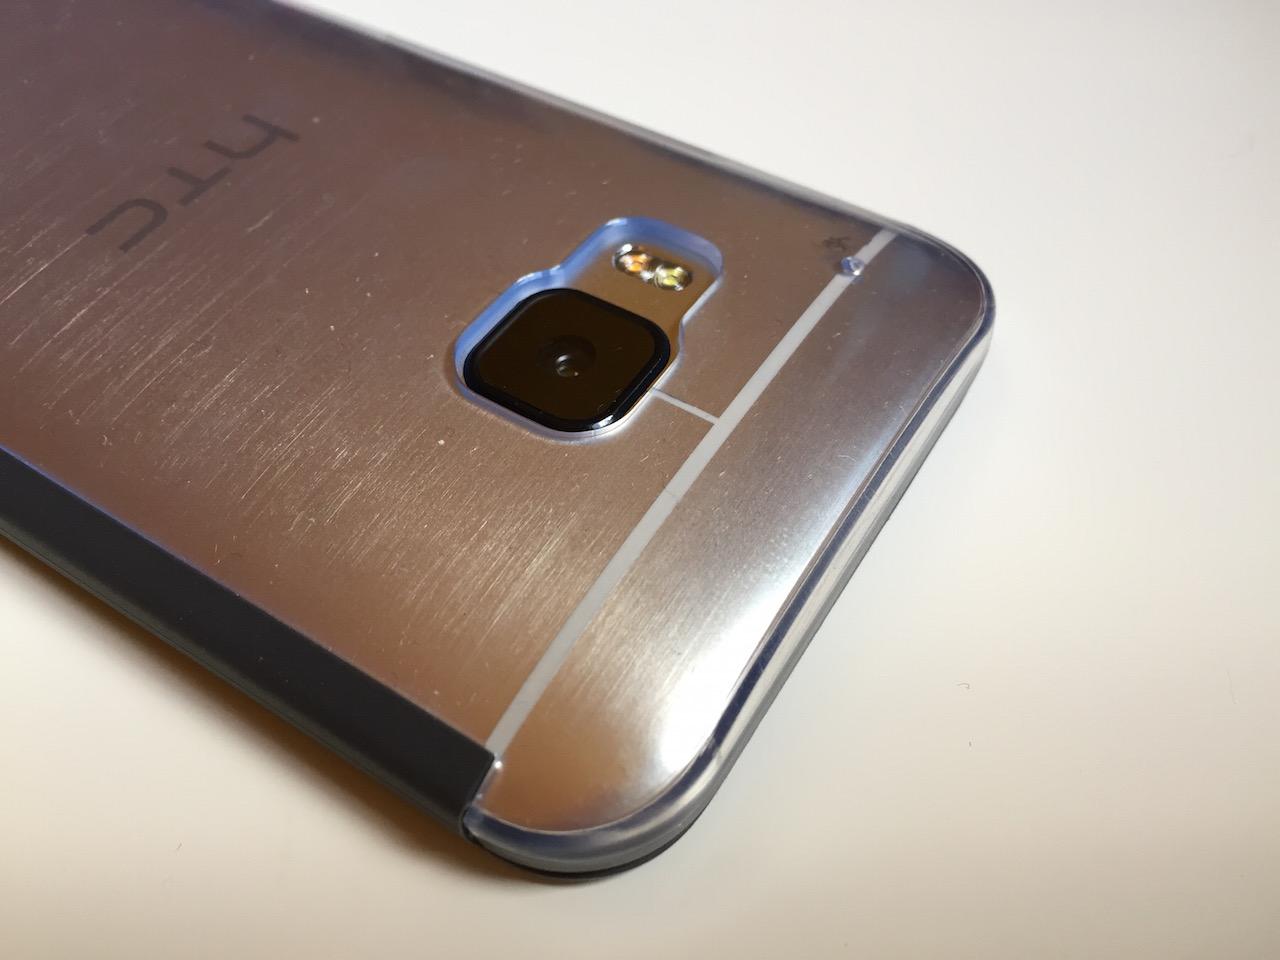 Najnowszy pomysł HTC jest nie tylko absurdalny, ale i groźny